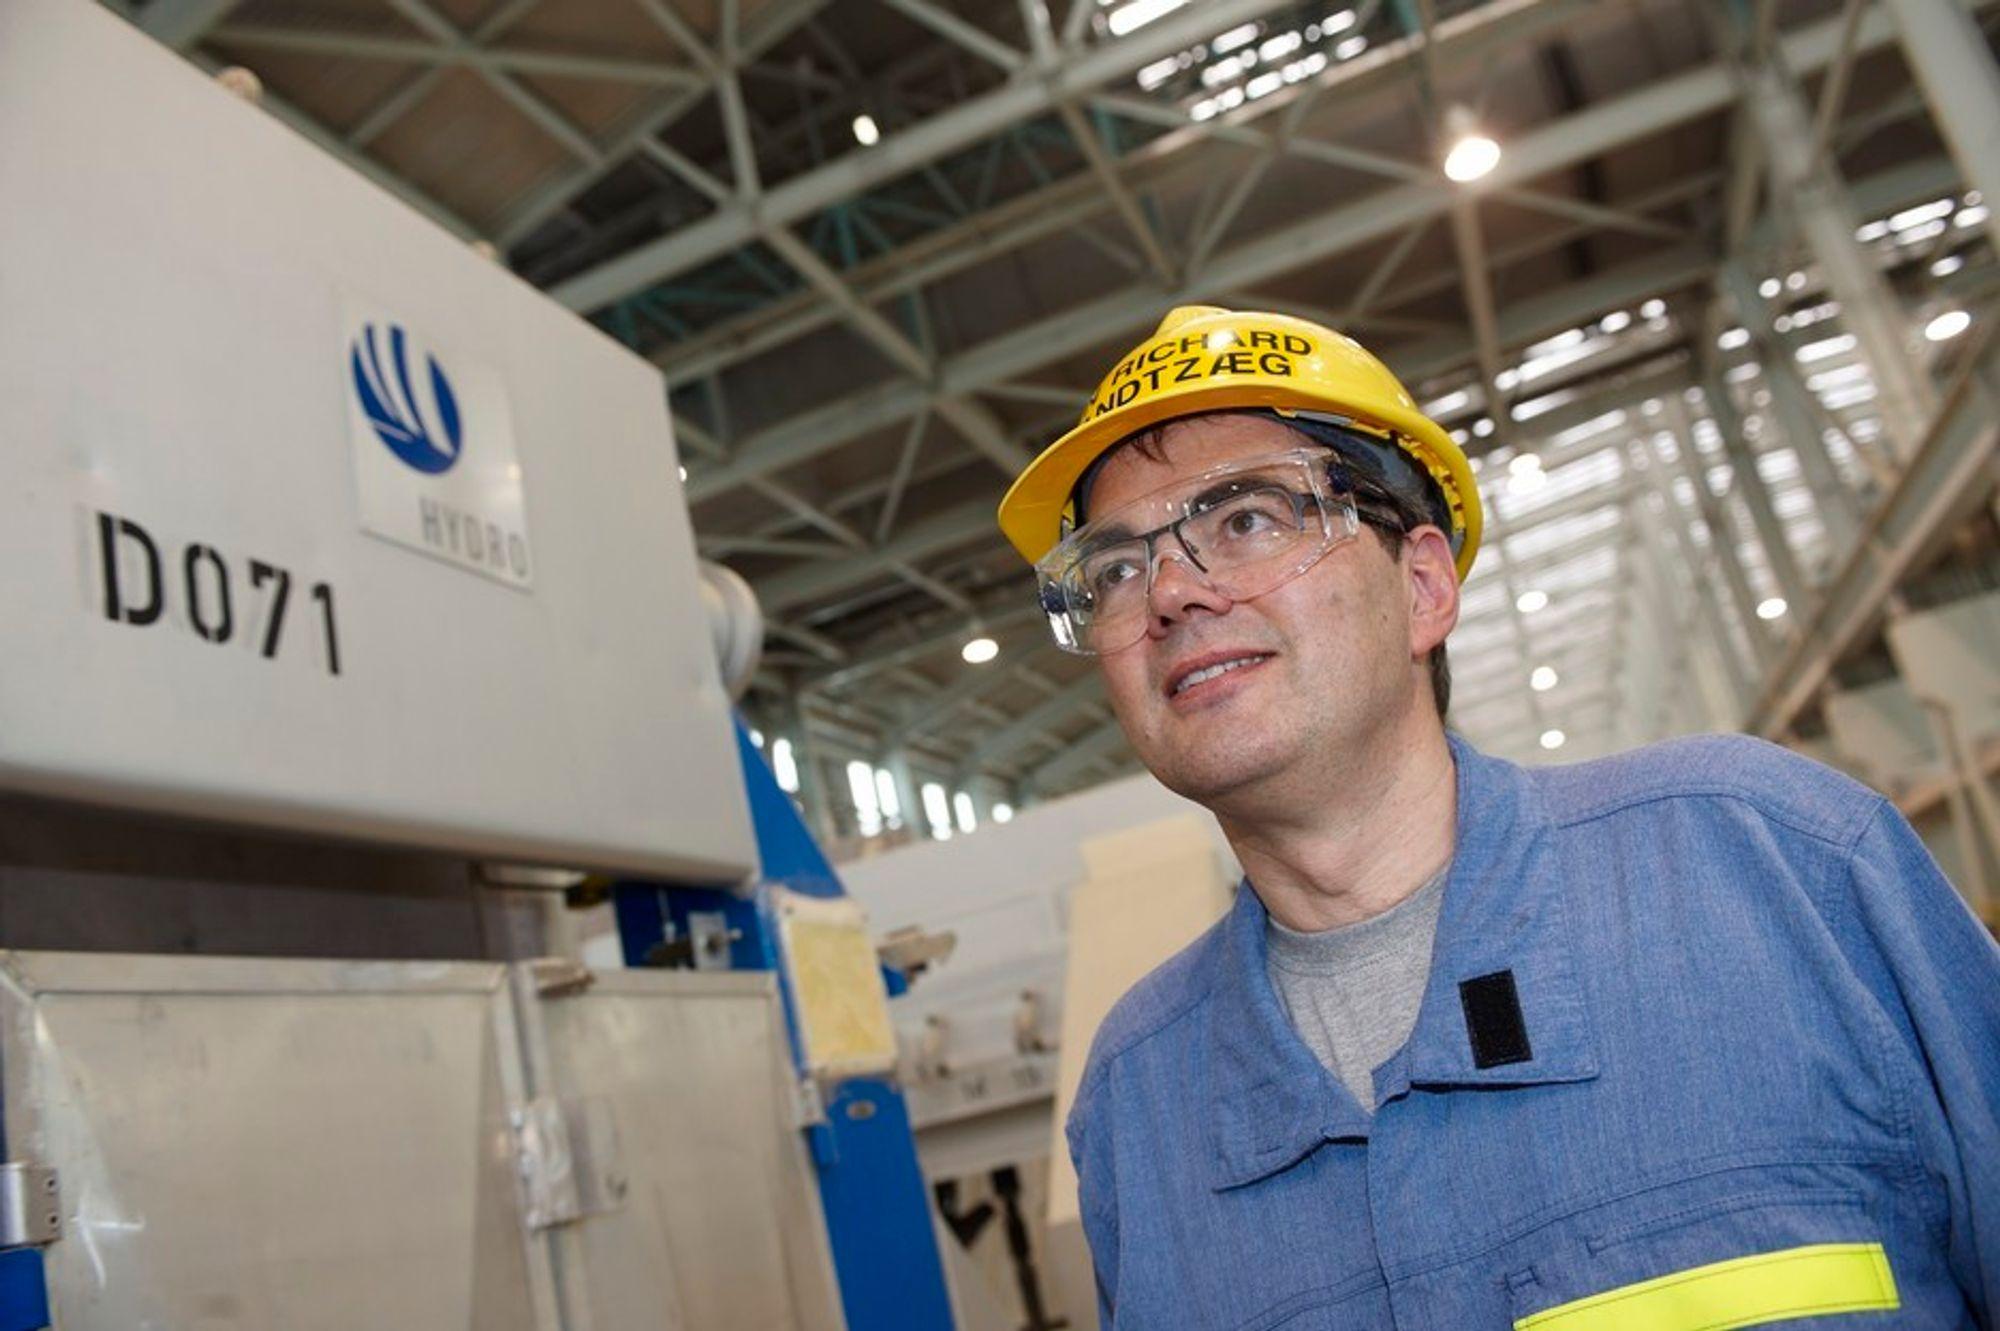 VIKTIG: Hydro, ved konsernsjef Svein Richard Brandtzæg, kjøper mye kraft. Derfor vil det være viktig å beholde mye av selskapets produksjon i Norge. Rammebetingelsene vil avgjøre.